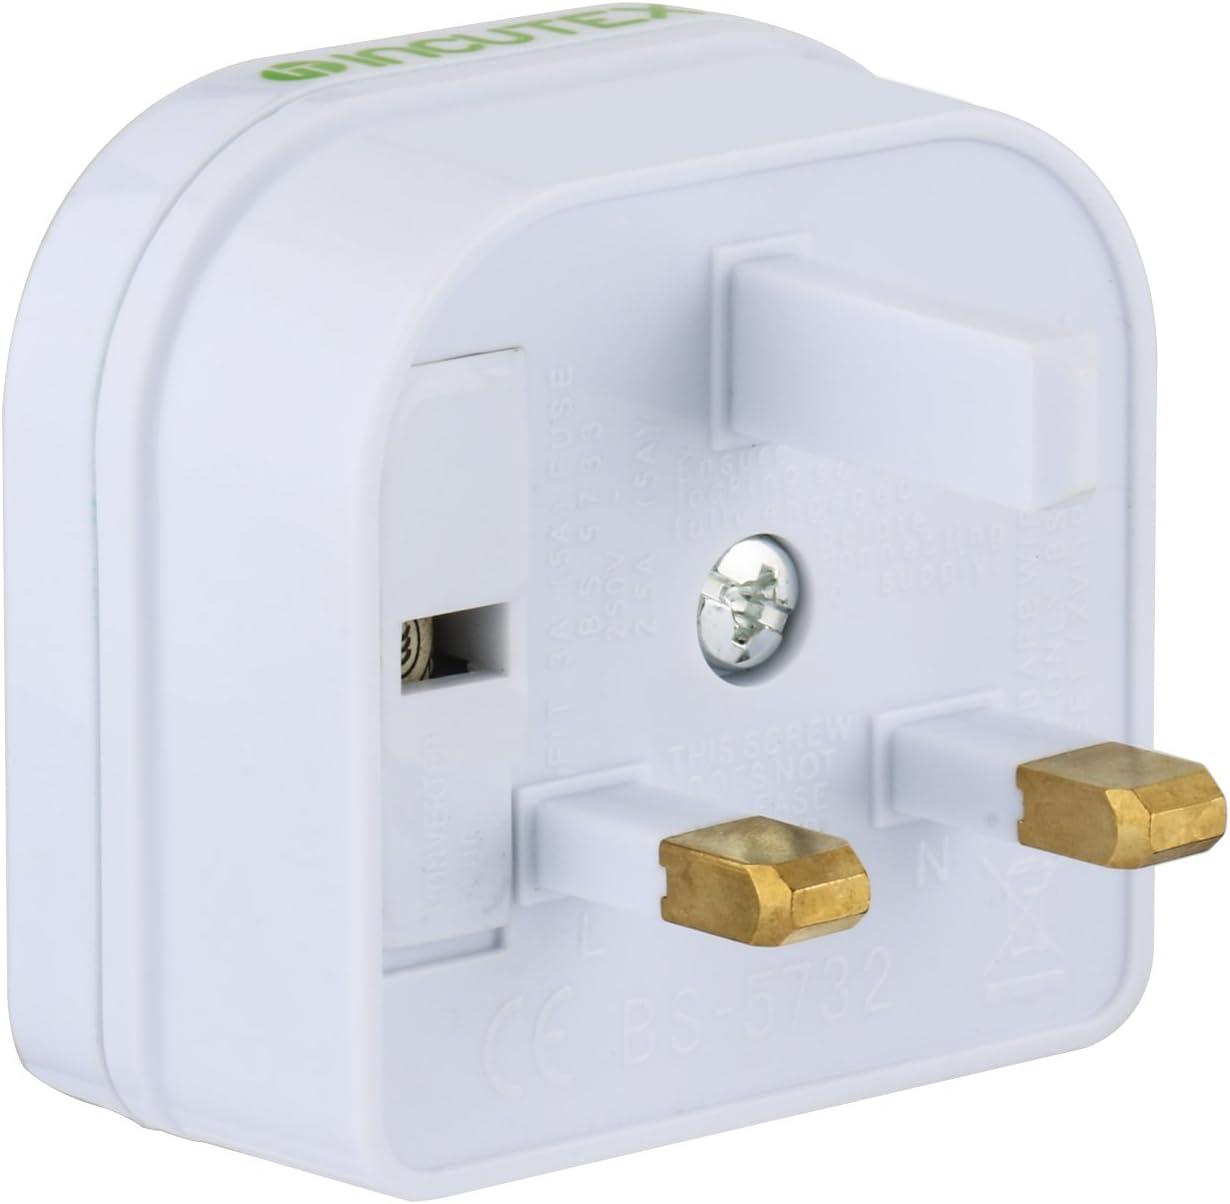 Incutex 1x Reisestecker UK GB England Travel Adapter Typ C Eurostecker 2-Pin auf UK 3-Pin Reise Steckdosenadapter wei/ß